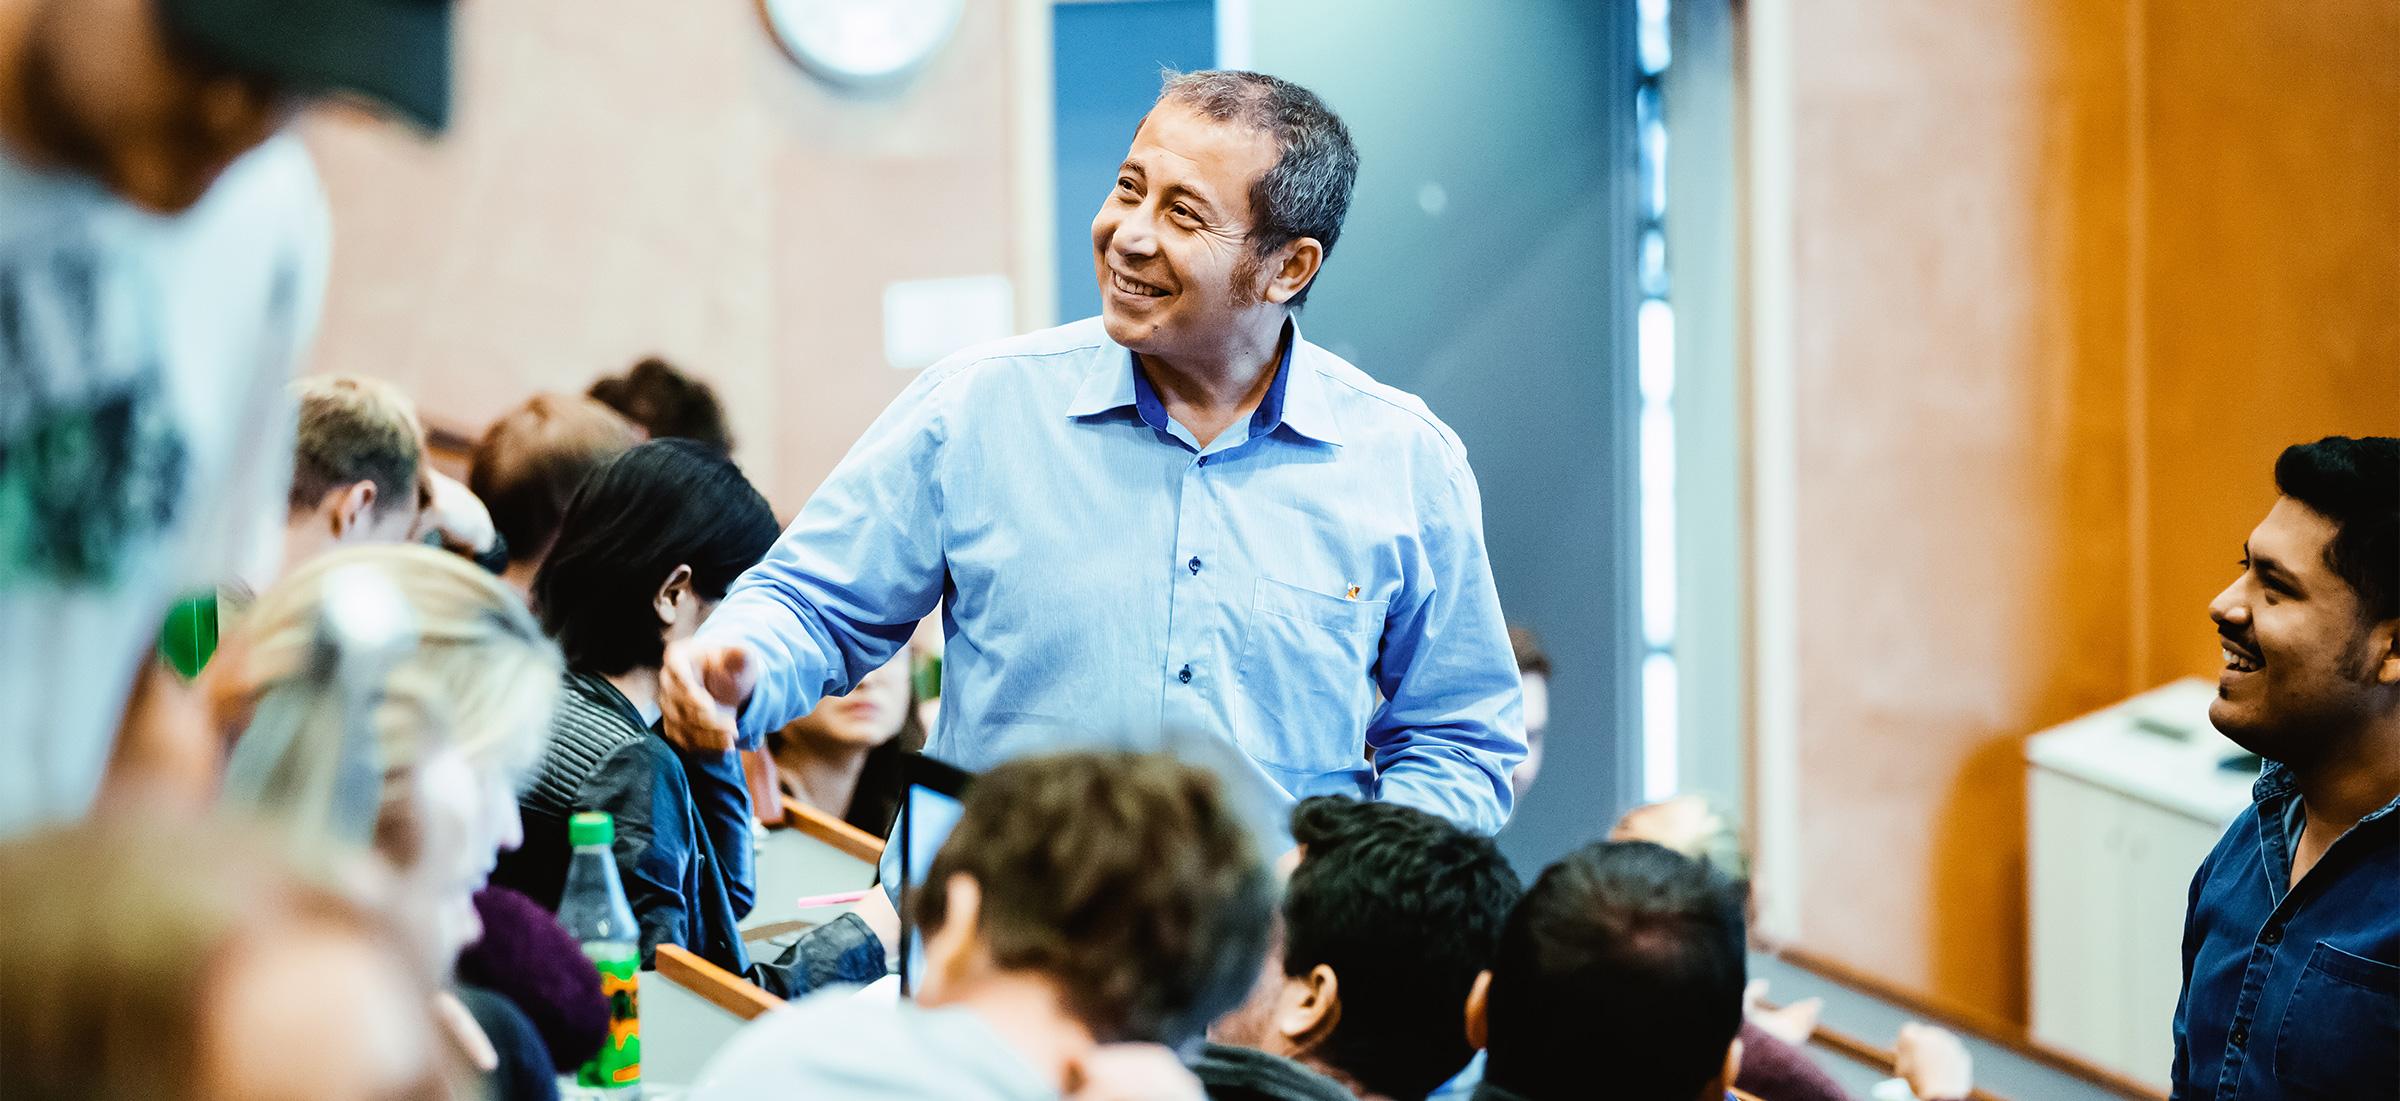 Bassam Hussein, førsteamanuensis ved Institutt for produksjons- og kvalitetsteknikk ved NTNU.